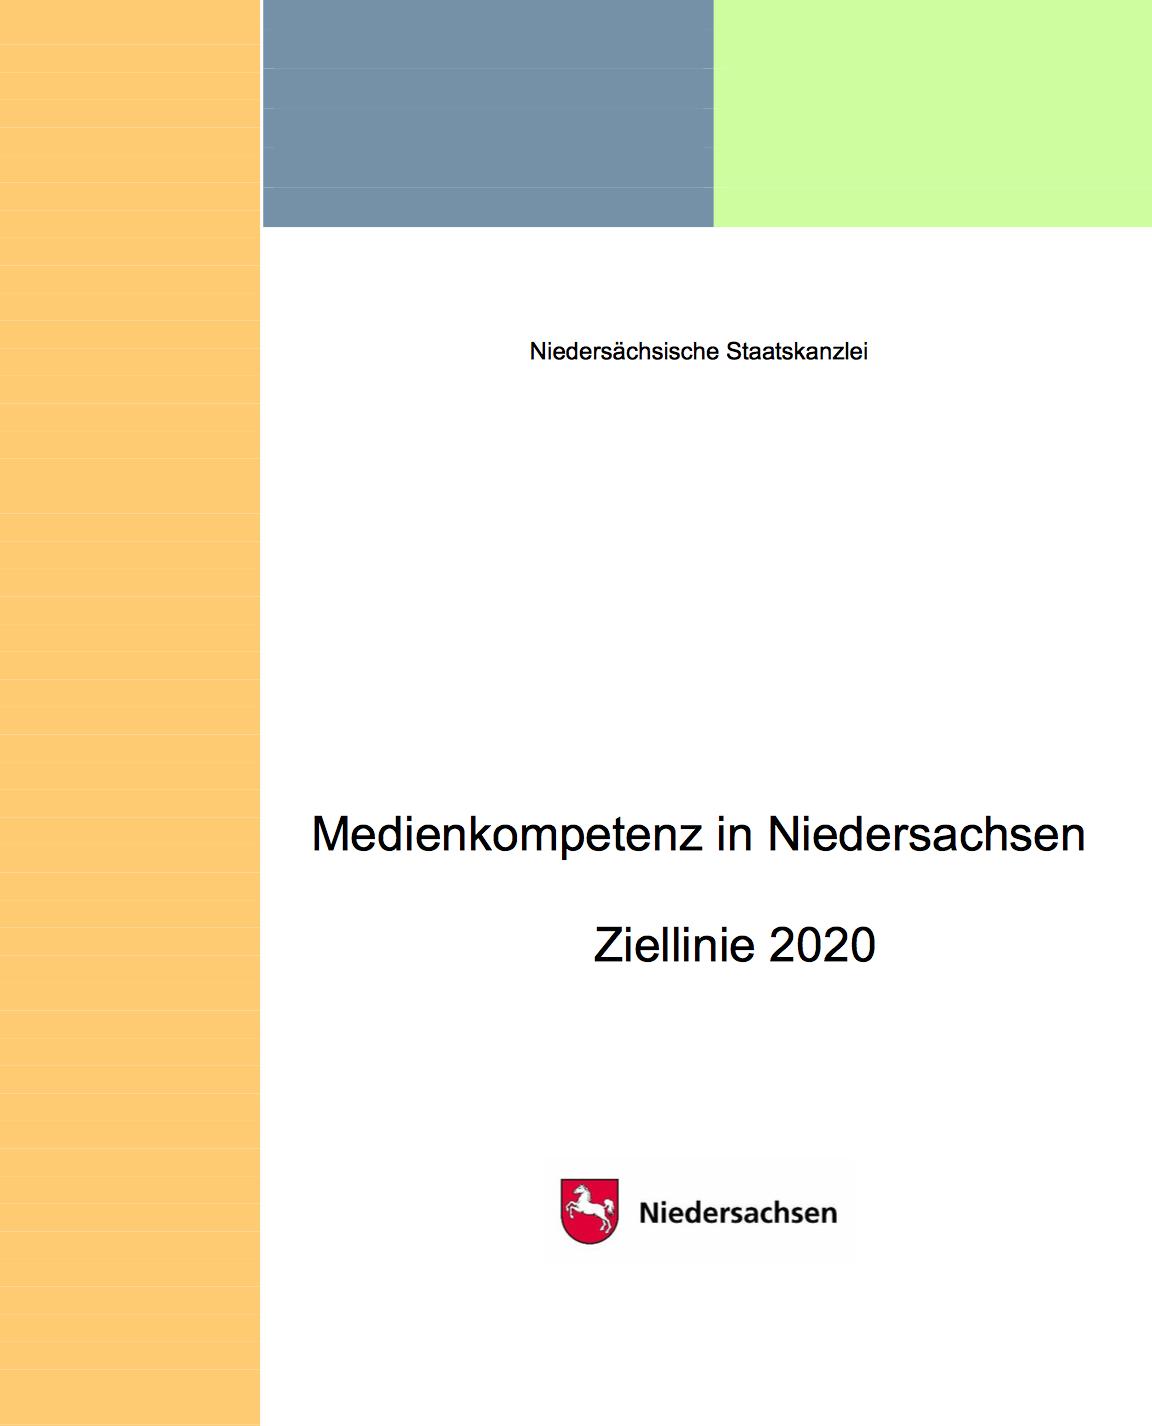 Gesamtkonzept Medienkompetenz in Niedersachsen